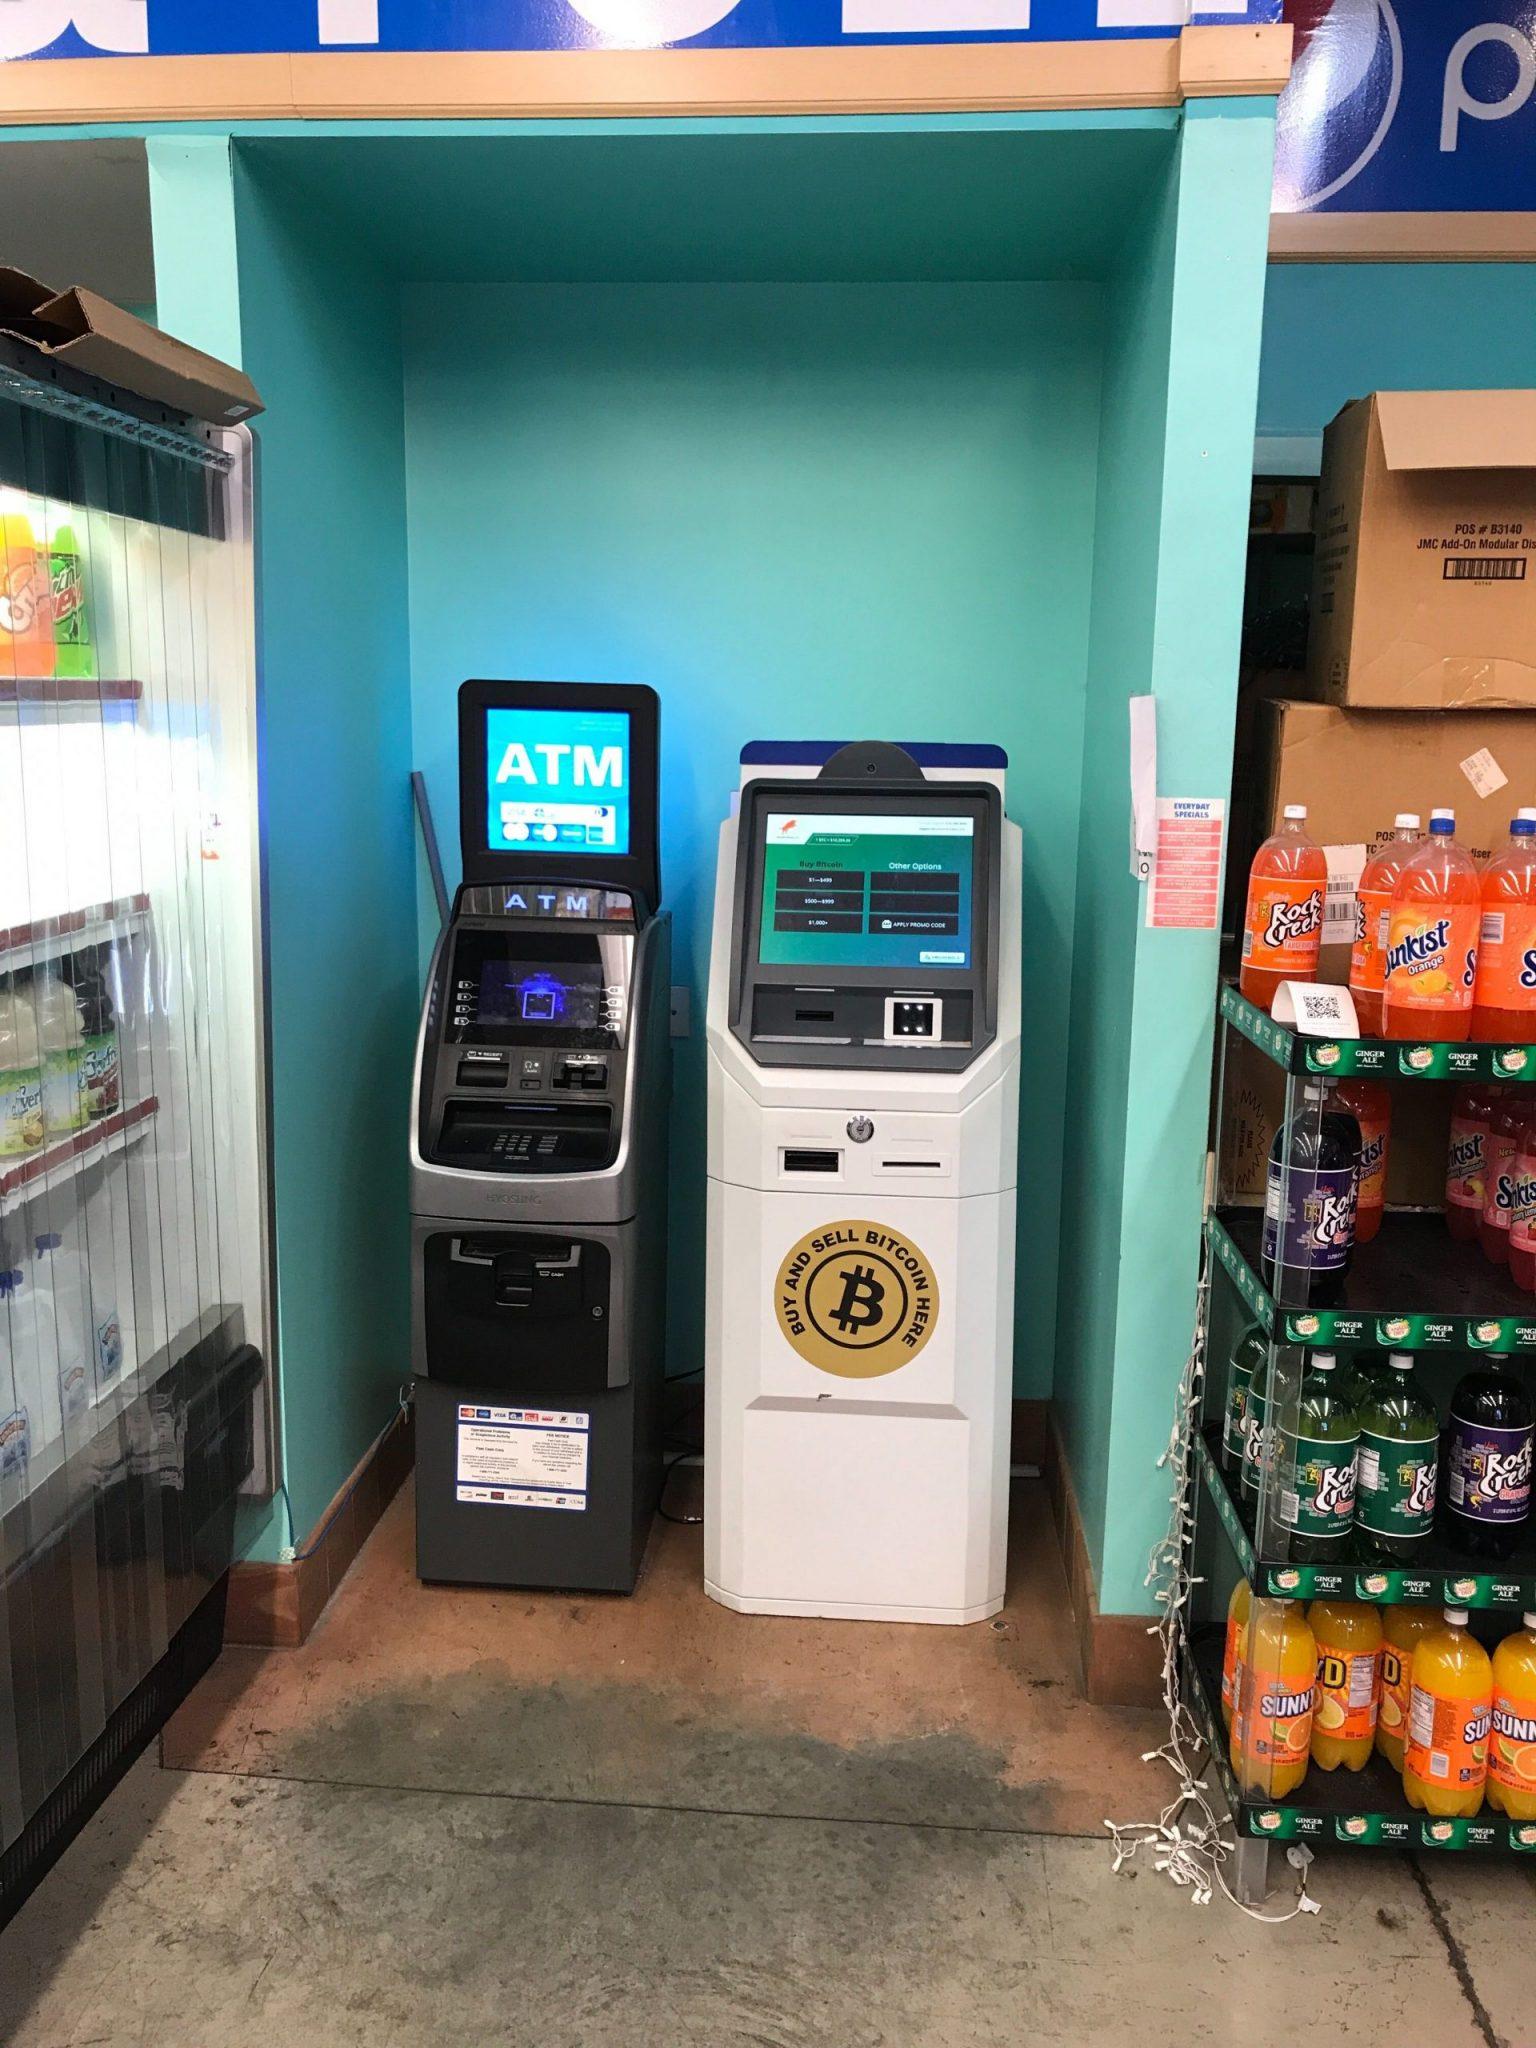 Bitcoin AM near me Harrisburg